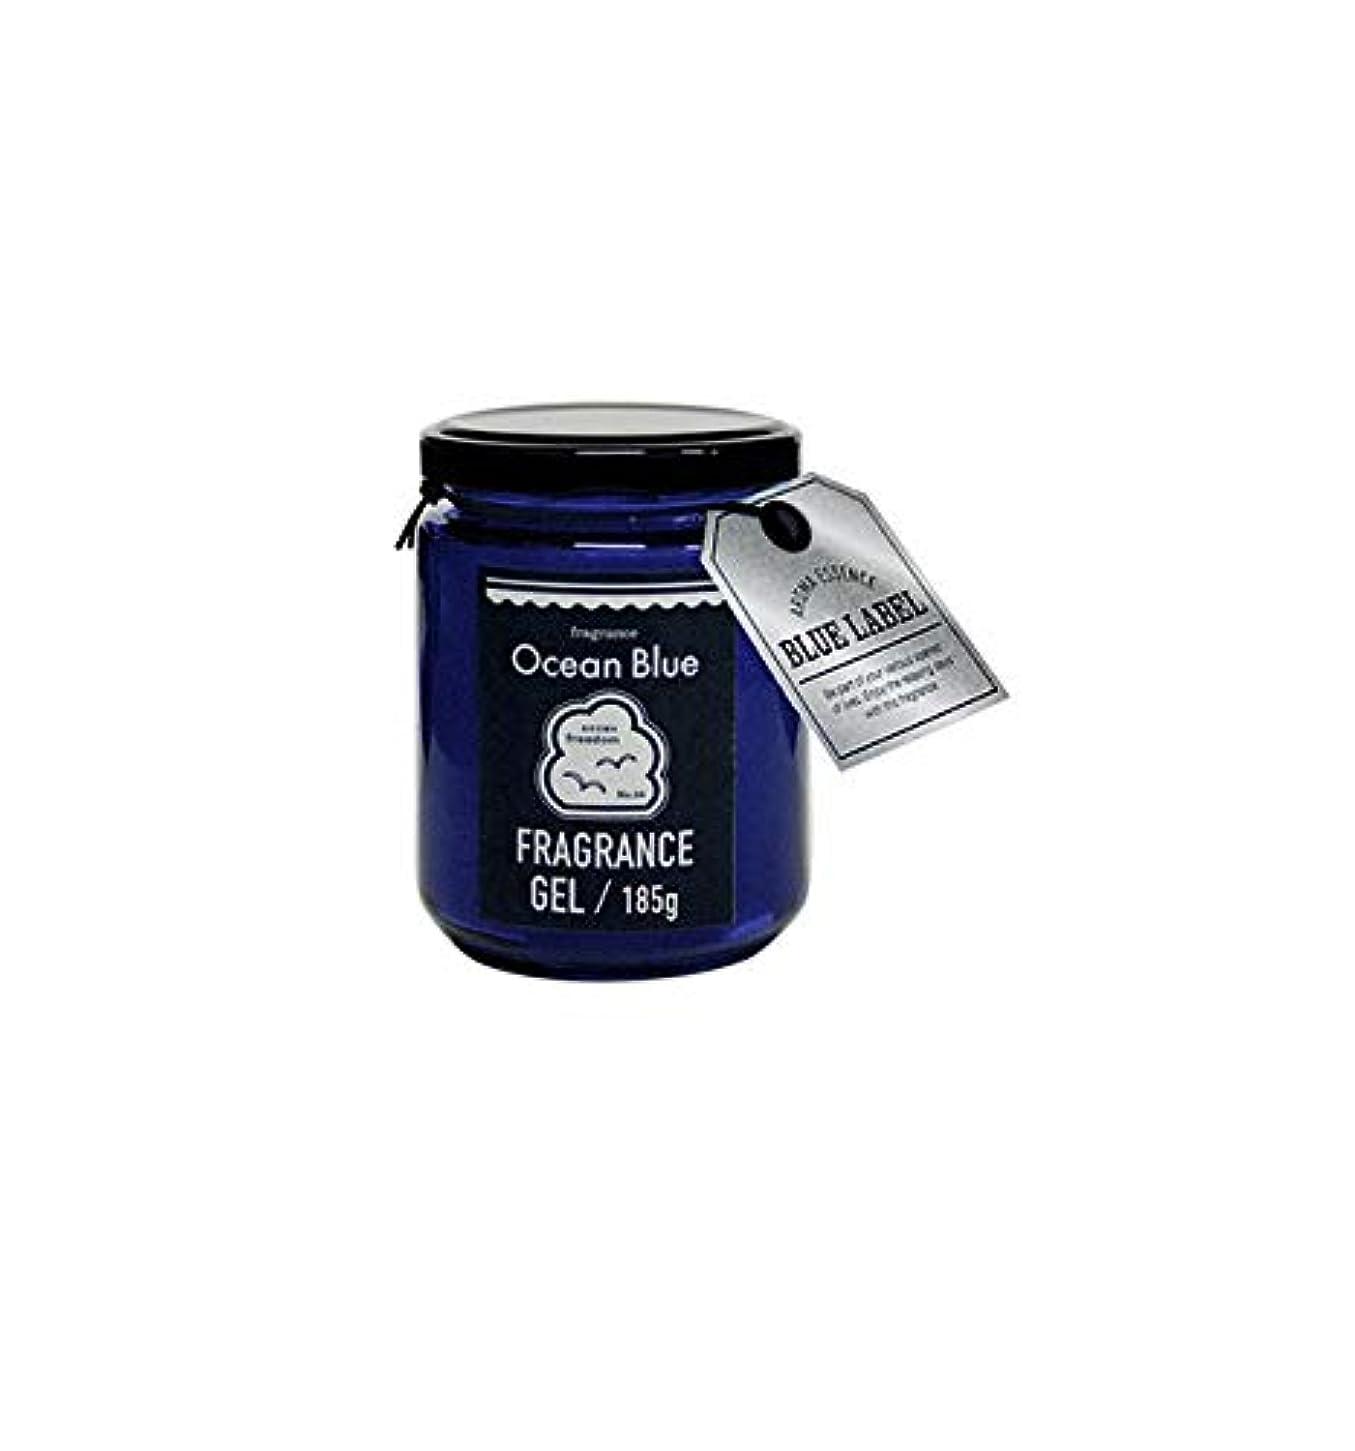 プロトタイプスポンサー悪意のあるアロマエッセンスブルーラベル フレグランスジェル185g オーシャンブルー(ルームフレグランス 約1-2ヶ月 海の爽快な香り)